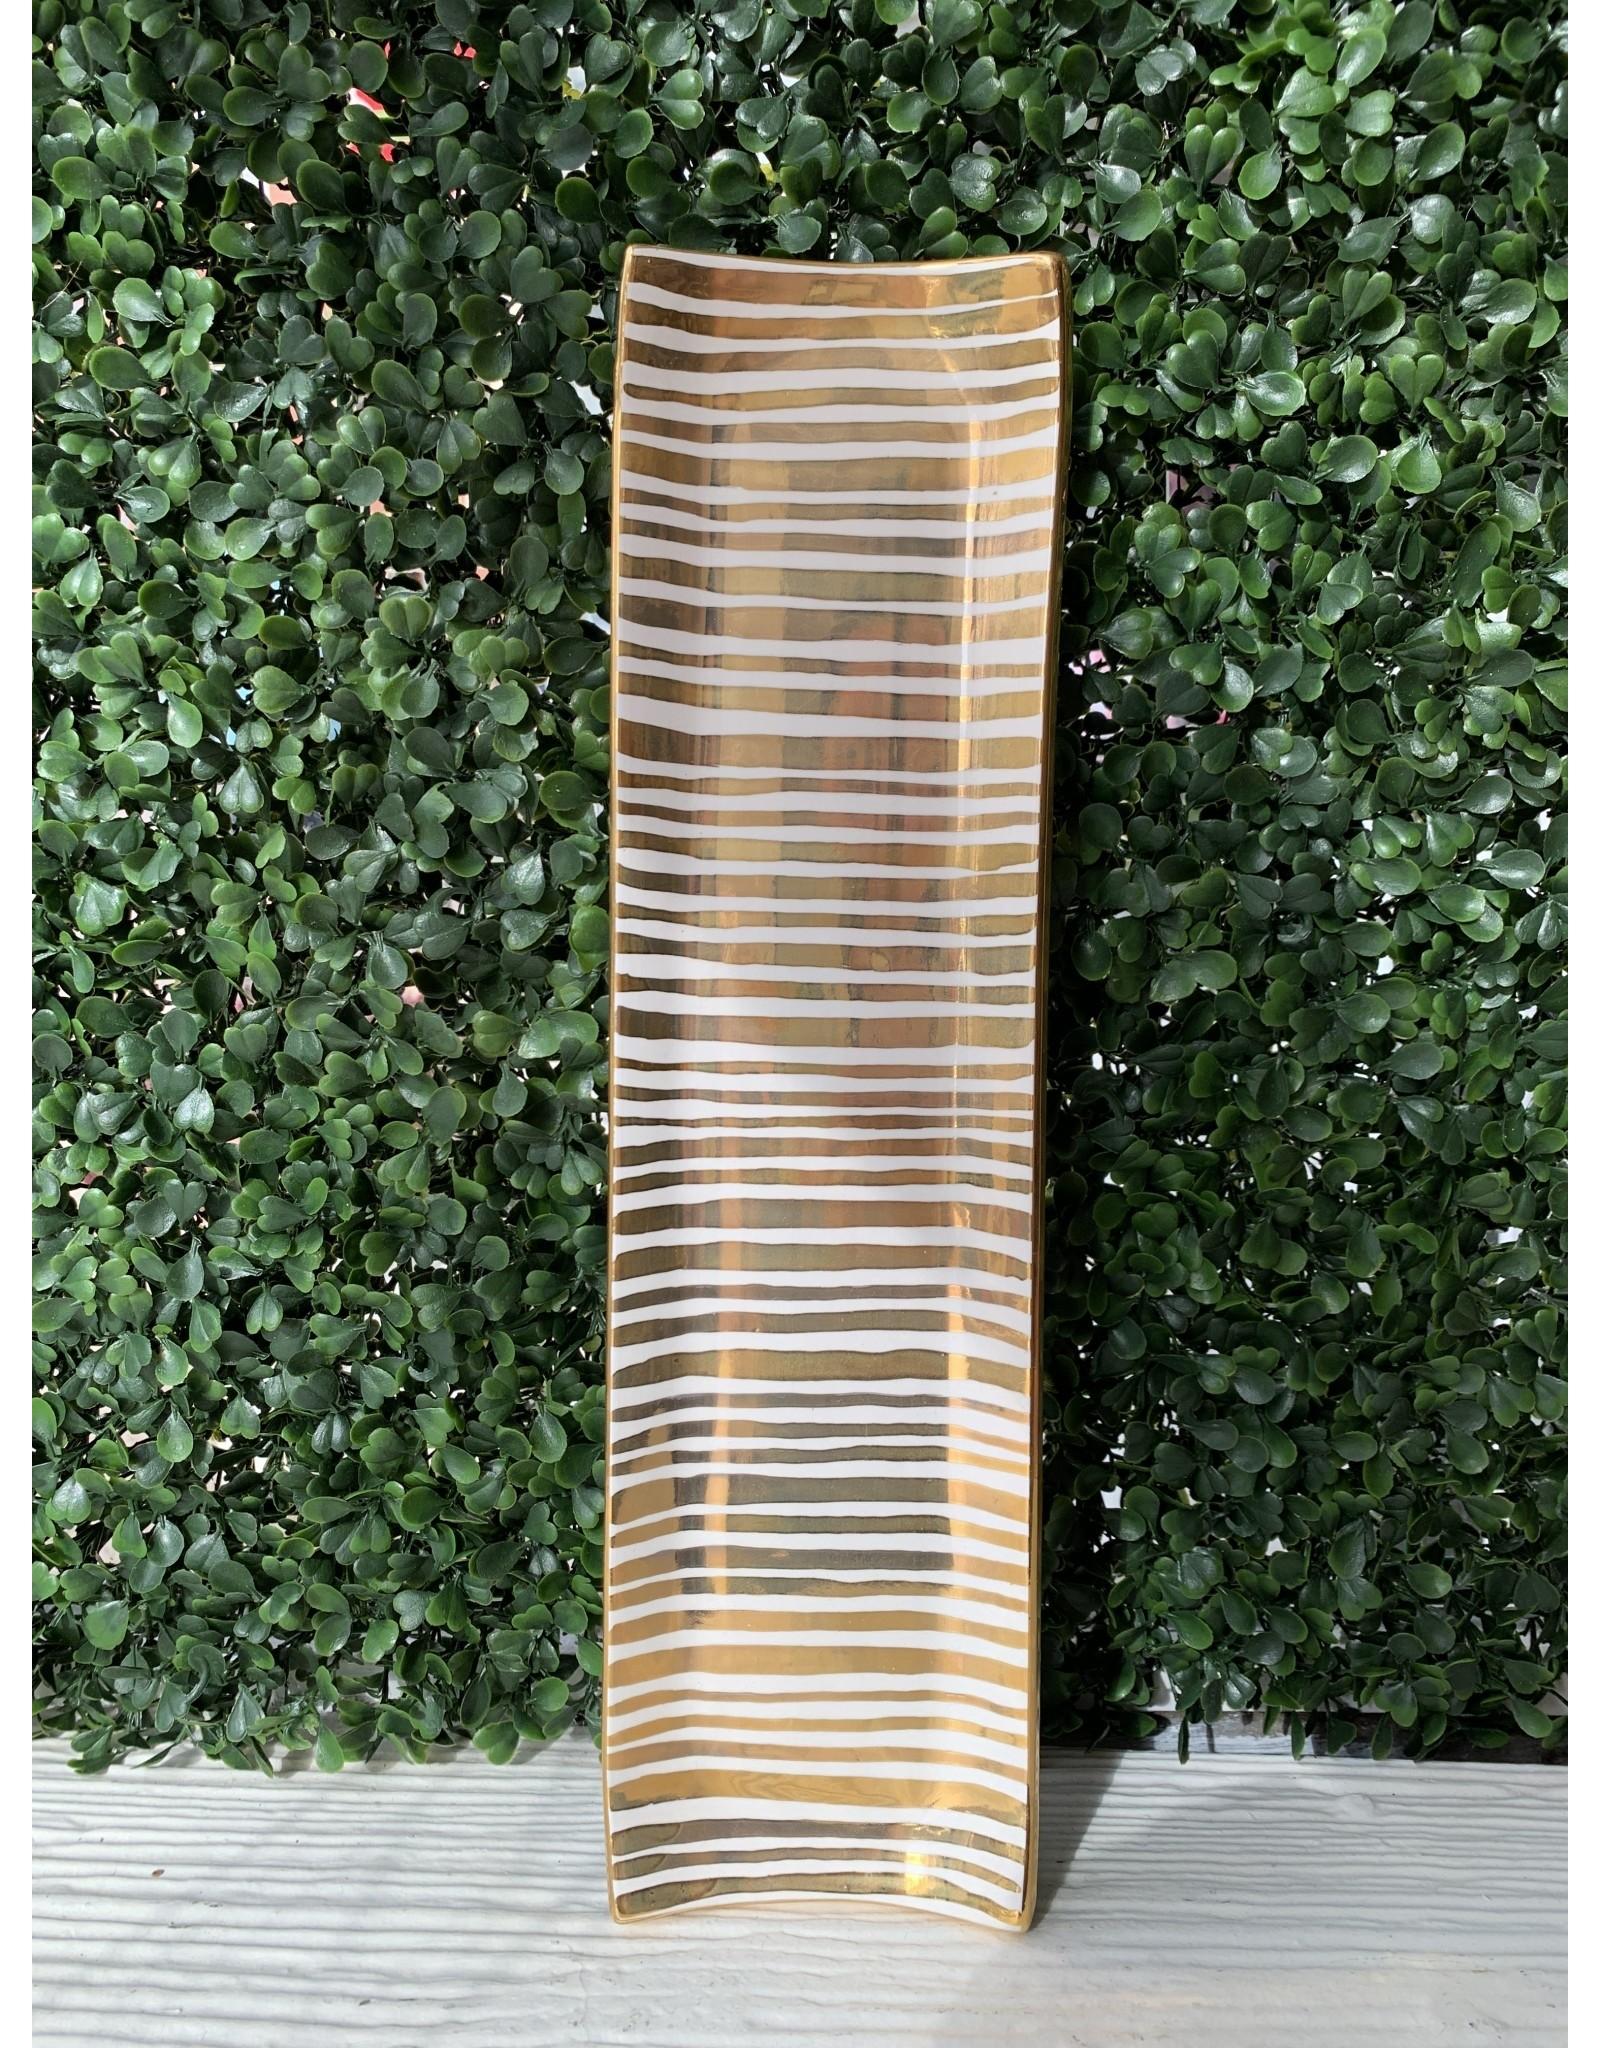 Jill Rosenwald Oyster Tray Gold Stripe by Jill Rosenwald